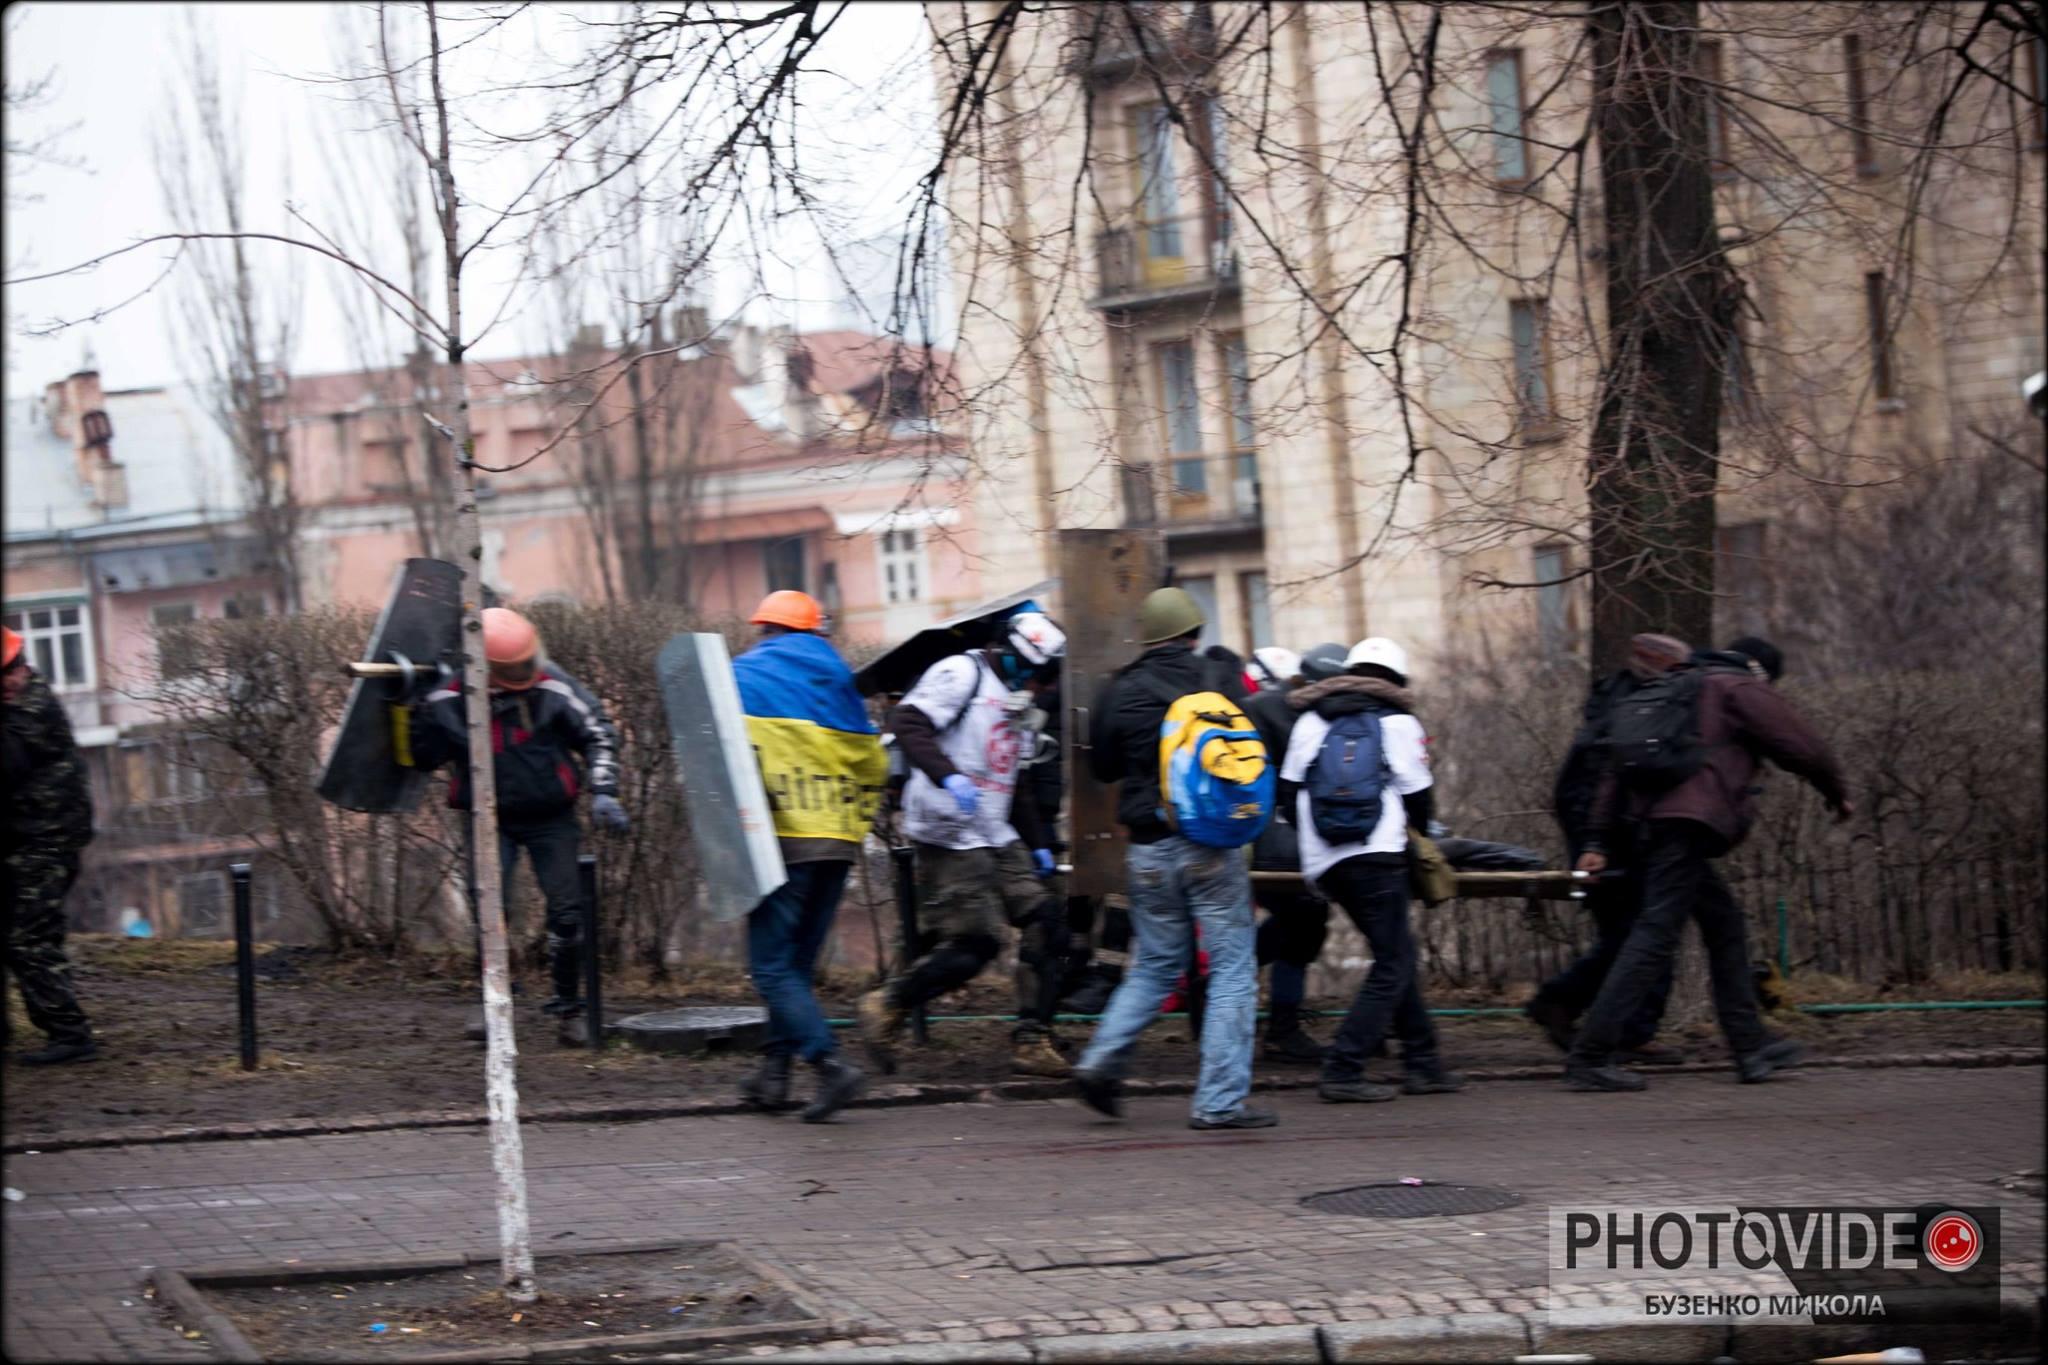 Максим прикриває медиків під час евакуації пораненого. Фото: Микола Бузенко.